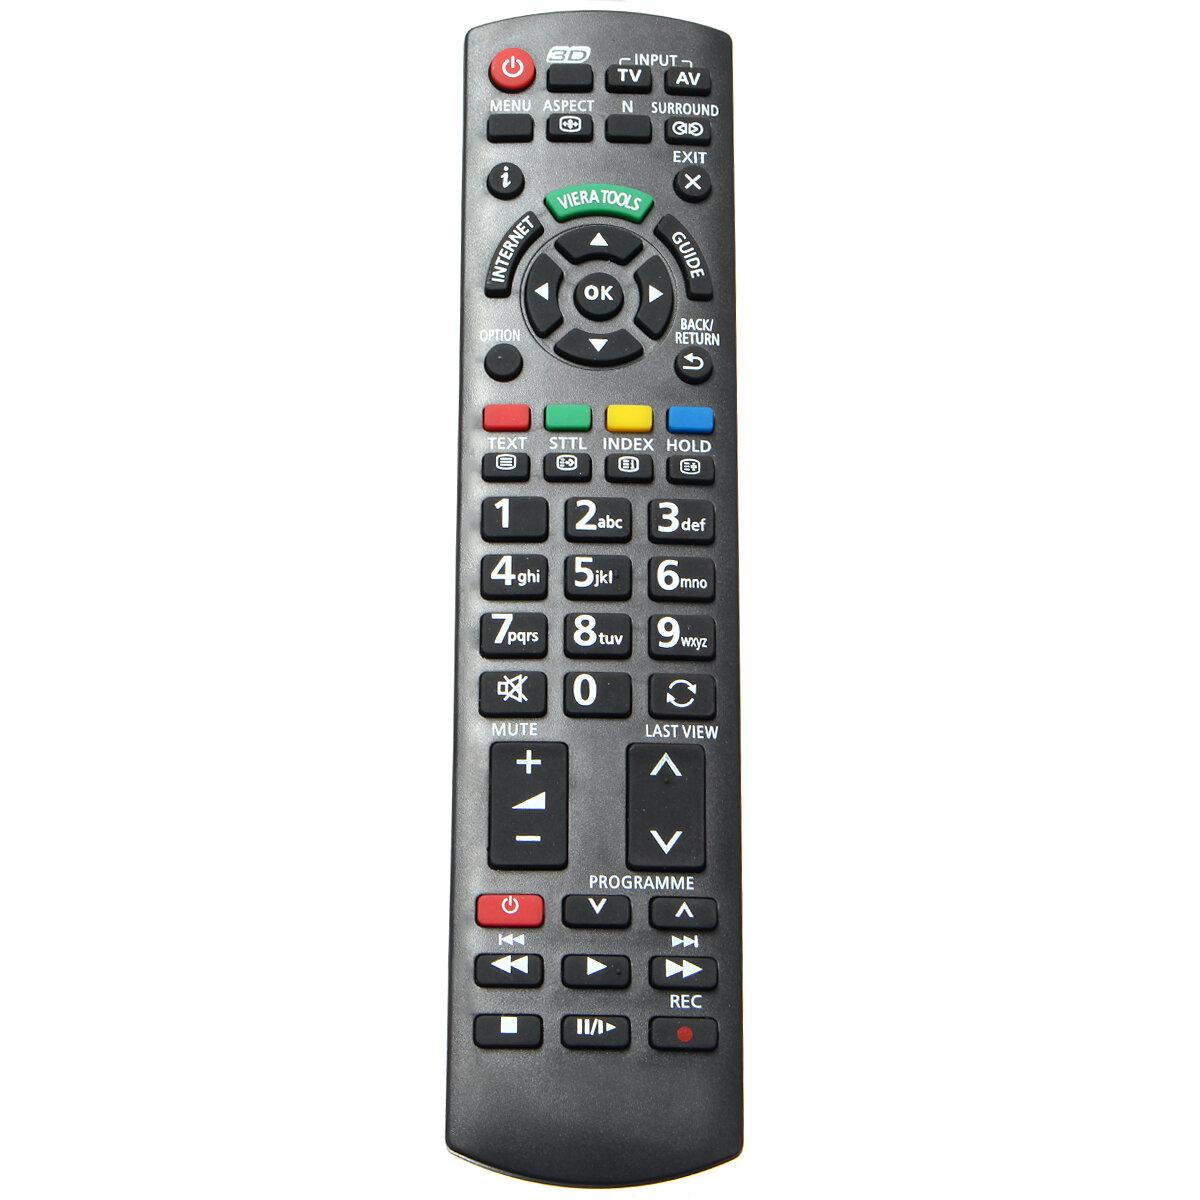 Télécommande universelle de rechange pour la TV Panasonic